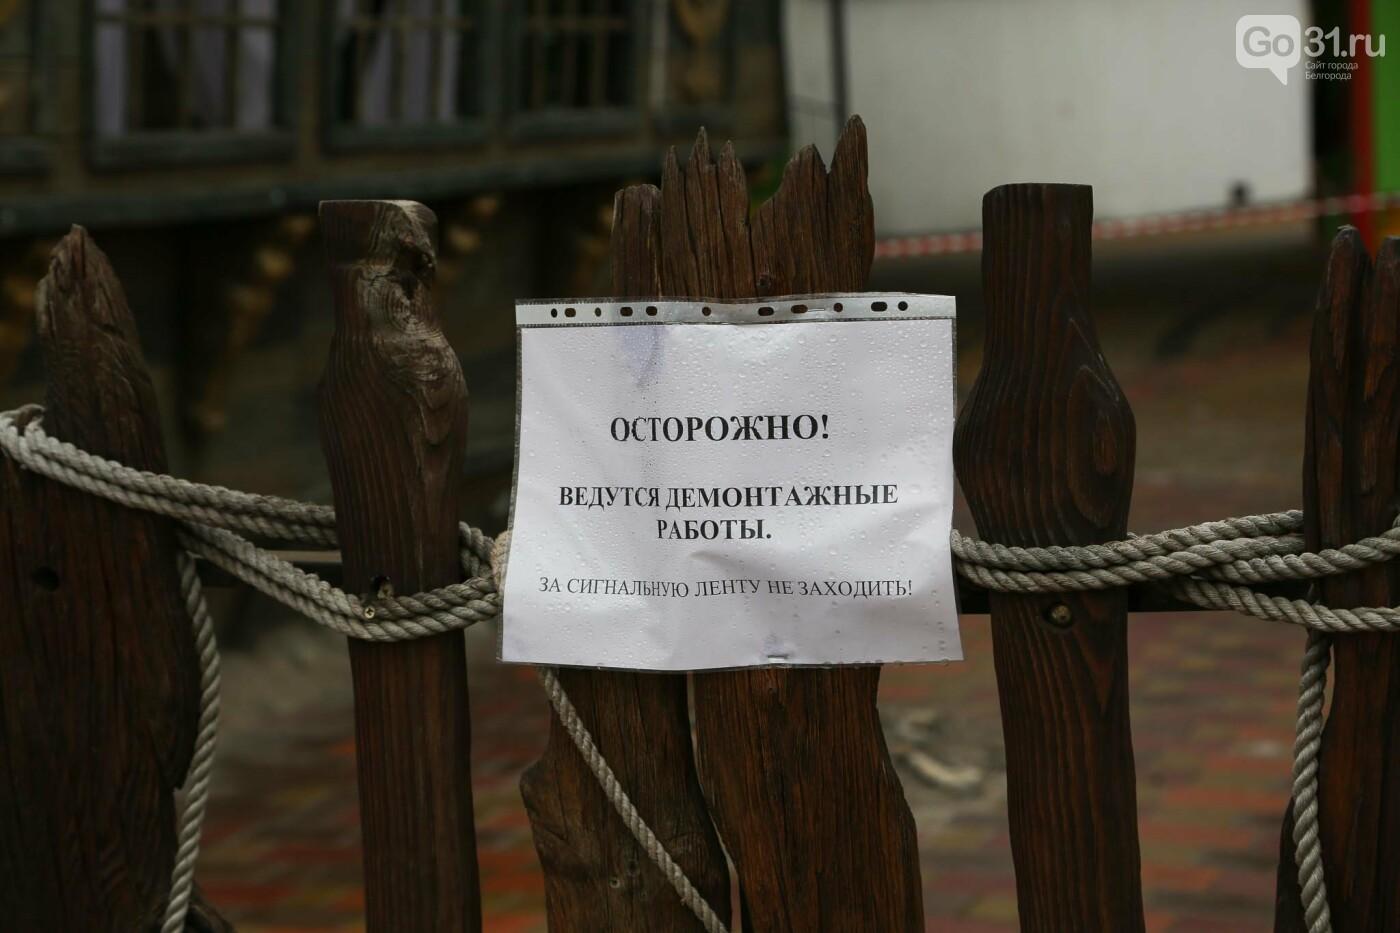 Александр Каракулов: С Центральным парком сейчас всё складывается не лучшим образом, фото-24